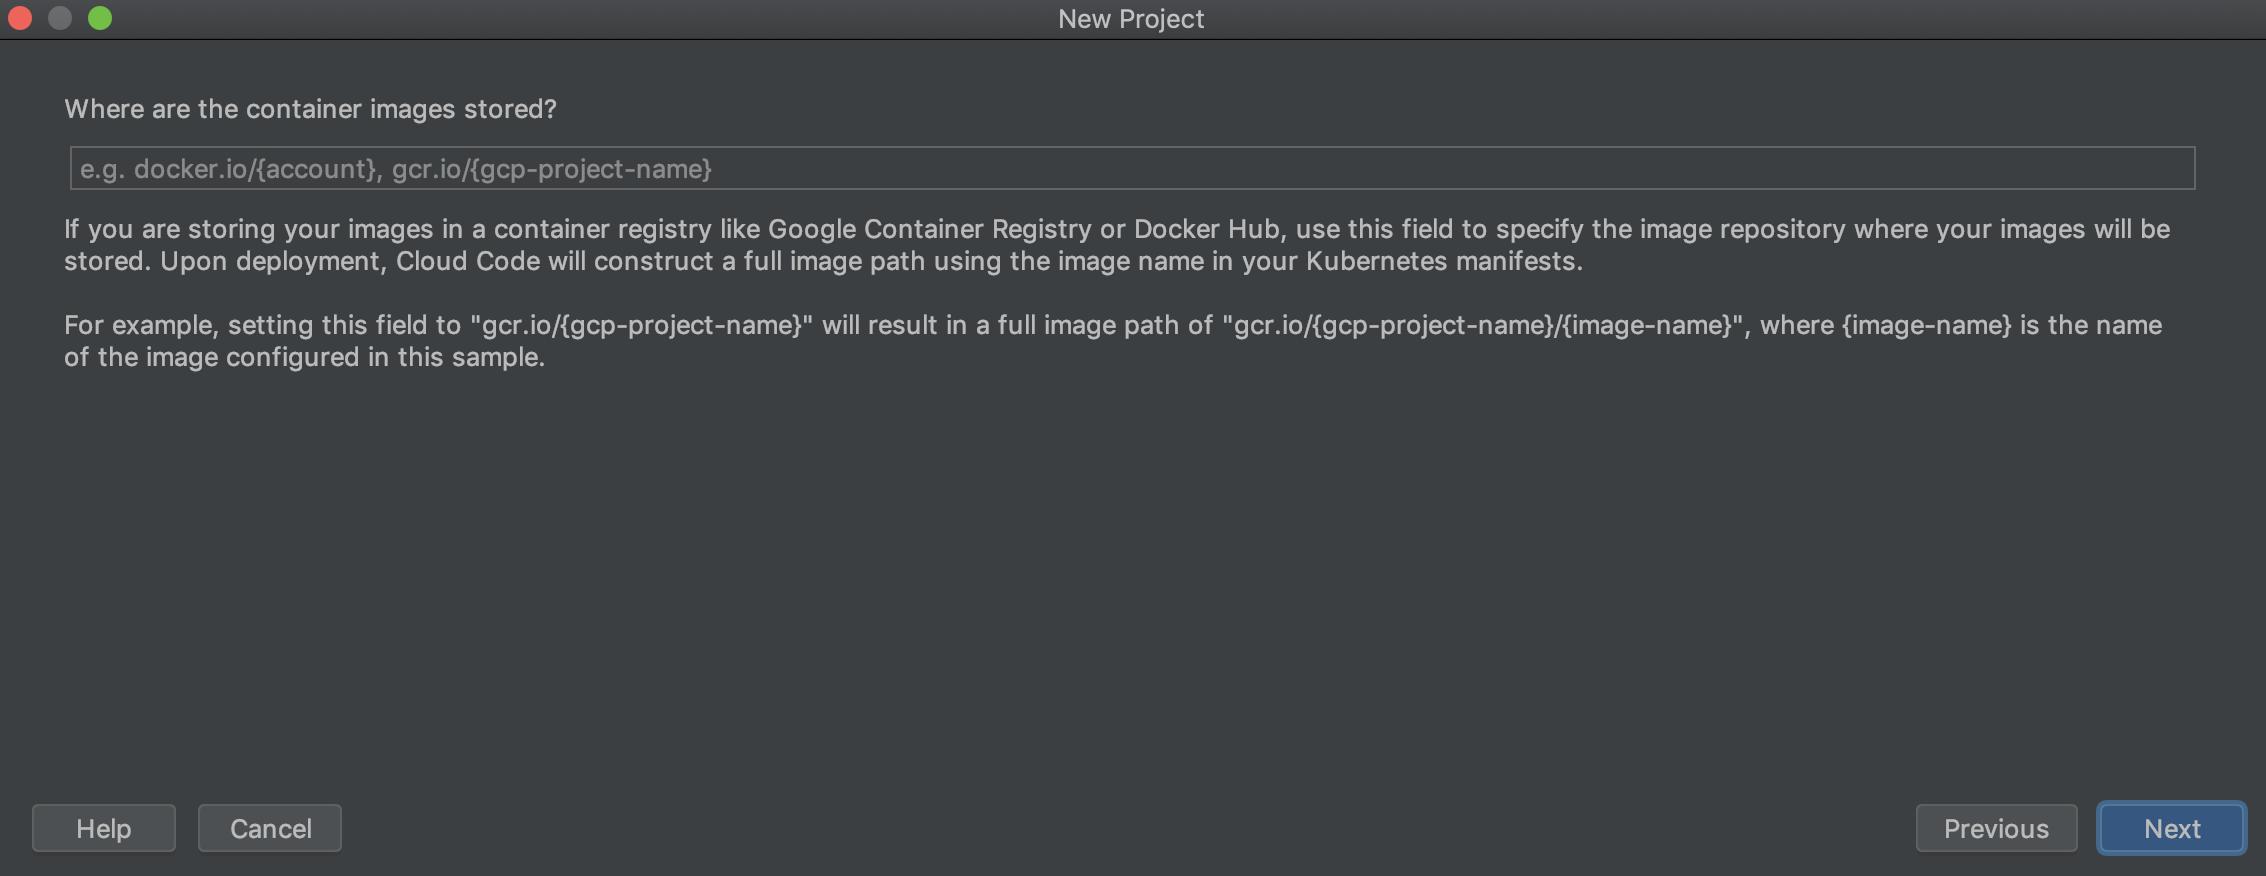 gcr.io/{gcp-project-name} または docker.io/{account} の形式を使用して、フィールド内にデフォルトのイメージ リポジトリを指定します。